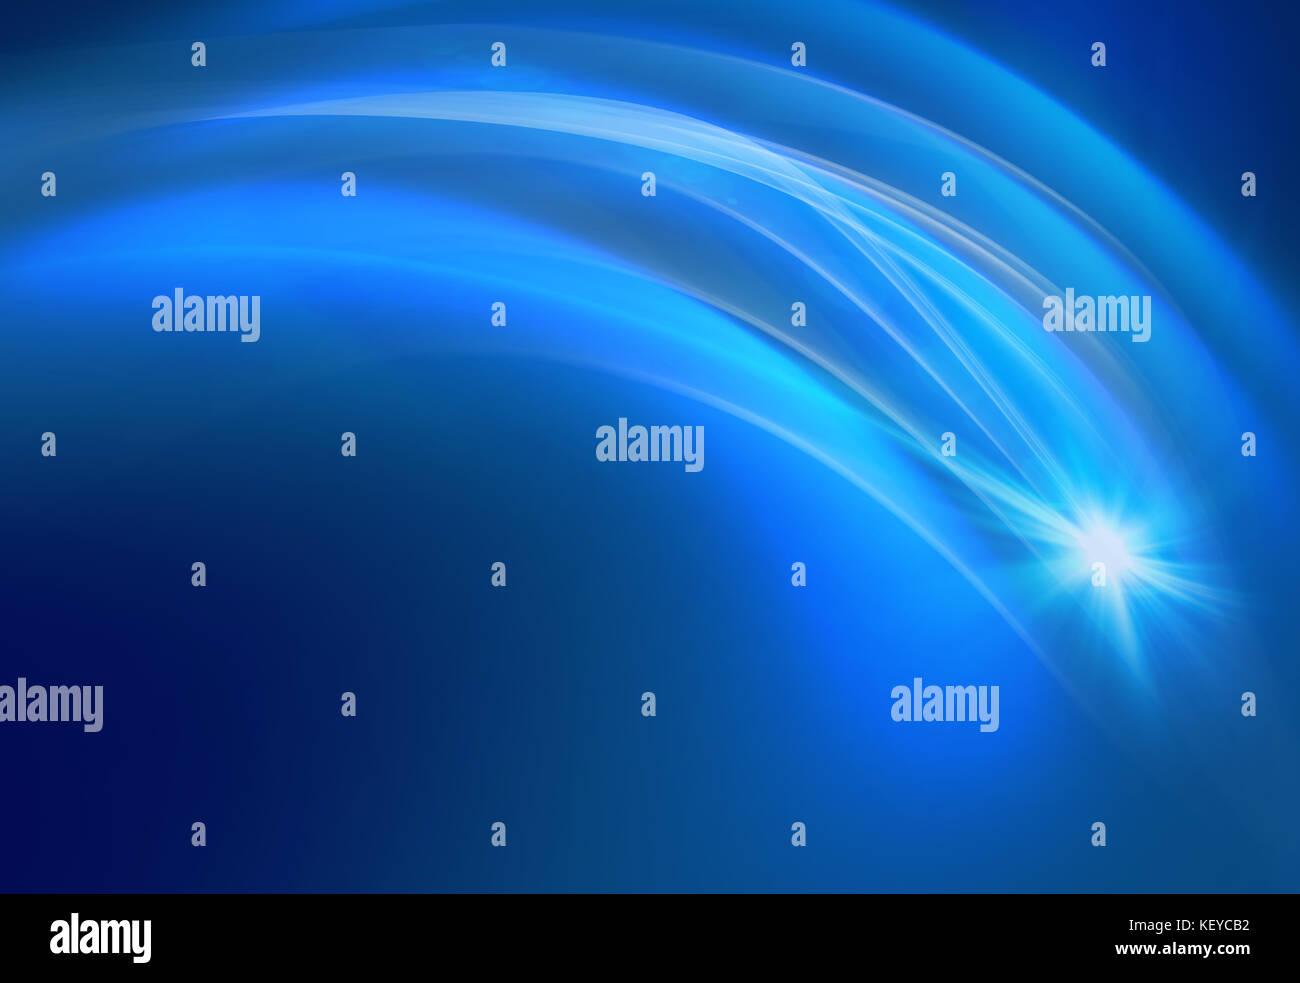 Sfondo Blu Con Curve Trasparente E Flare Foto Immagine Stock